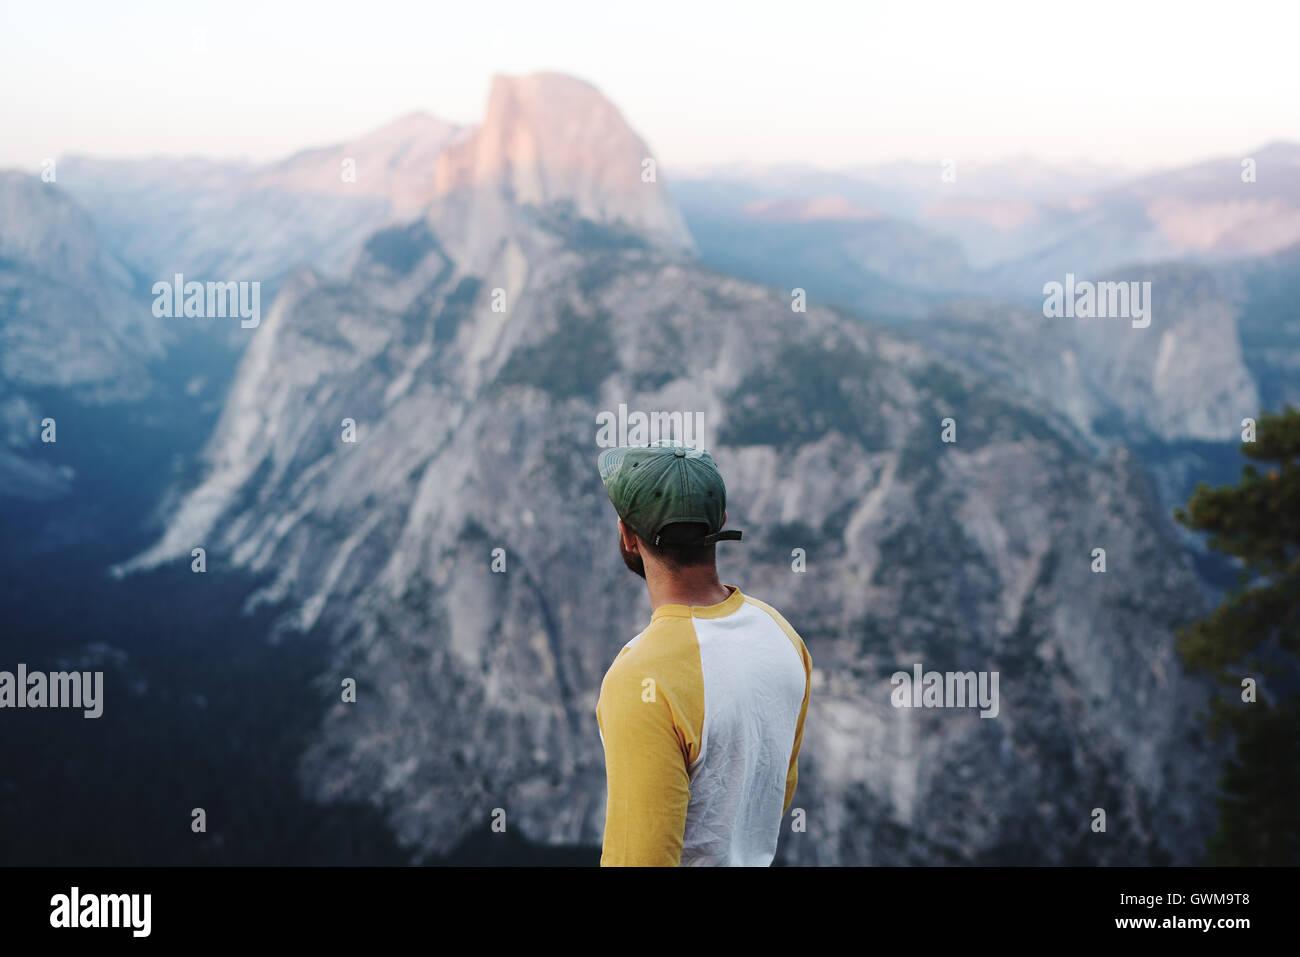 Ein Wanderer sieht Half Dome im kalifornischen Yosemite National Park Stockbild